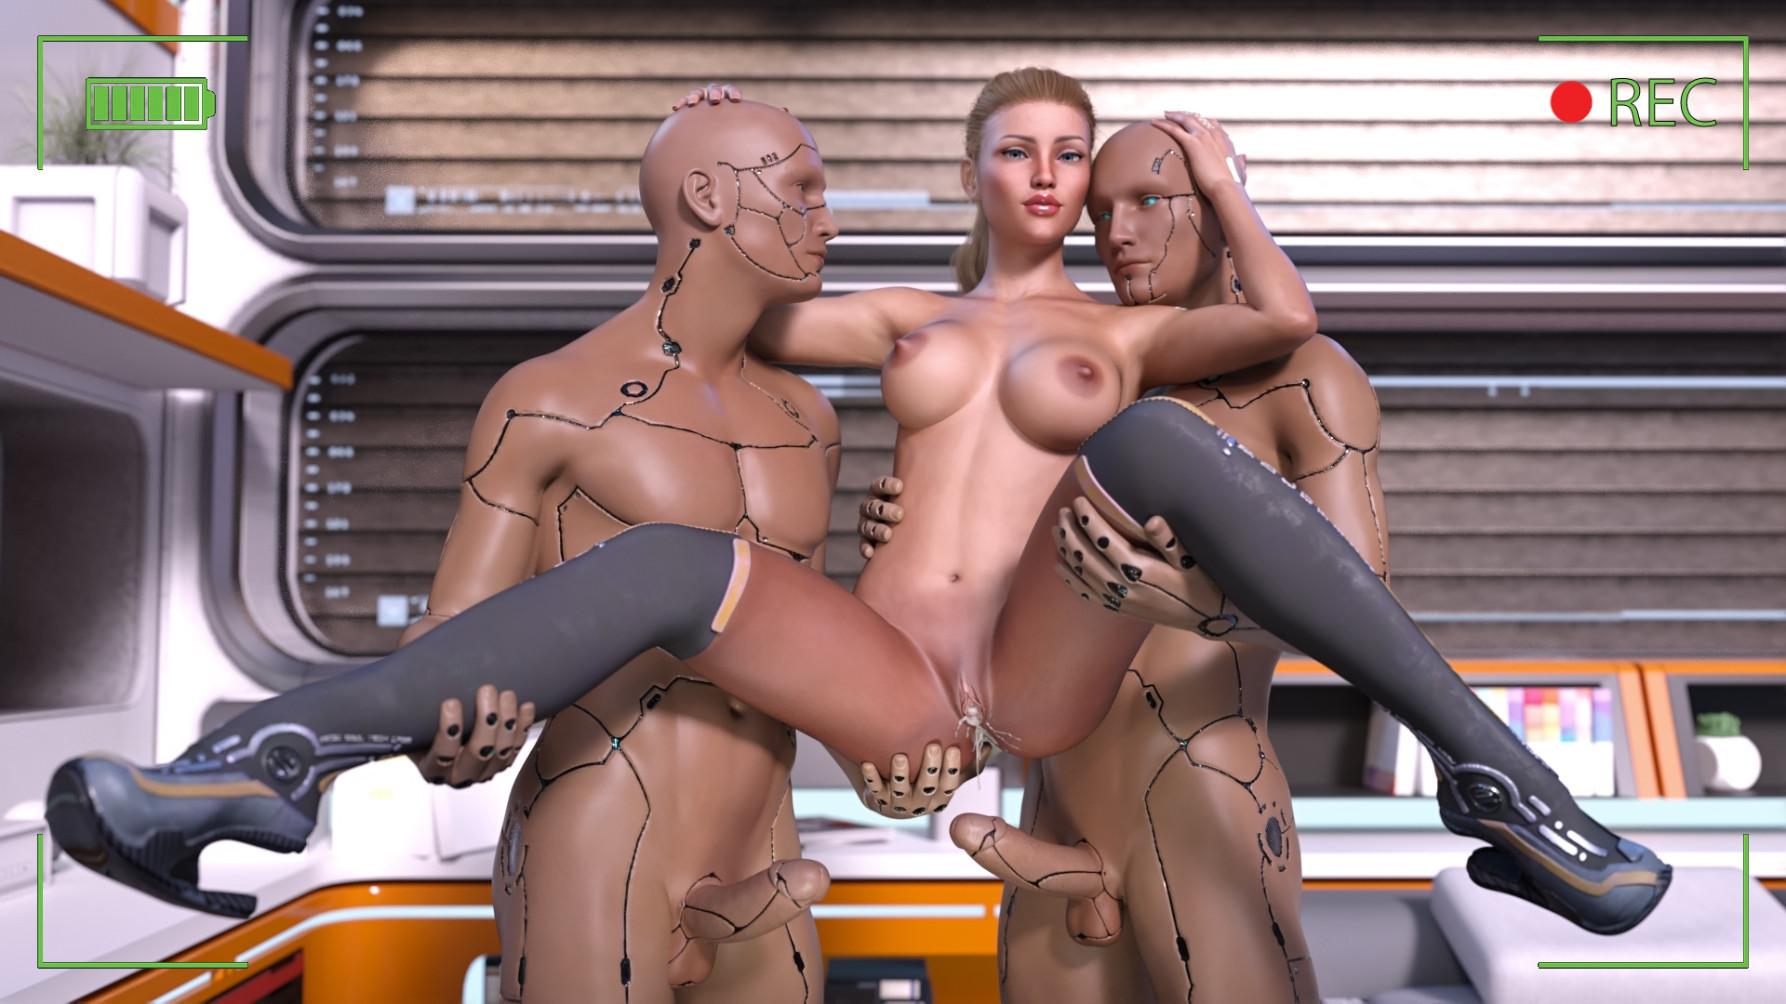 смотреть онлайн порно будущего свободной